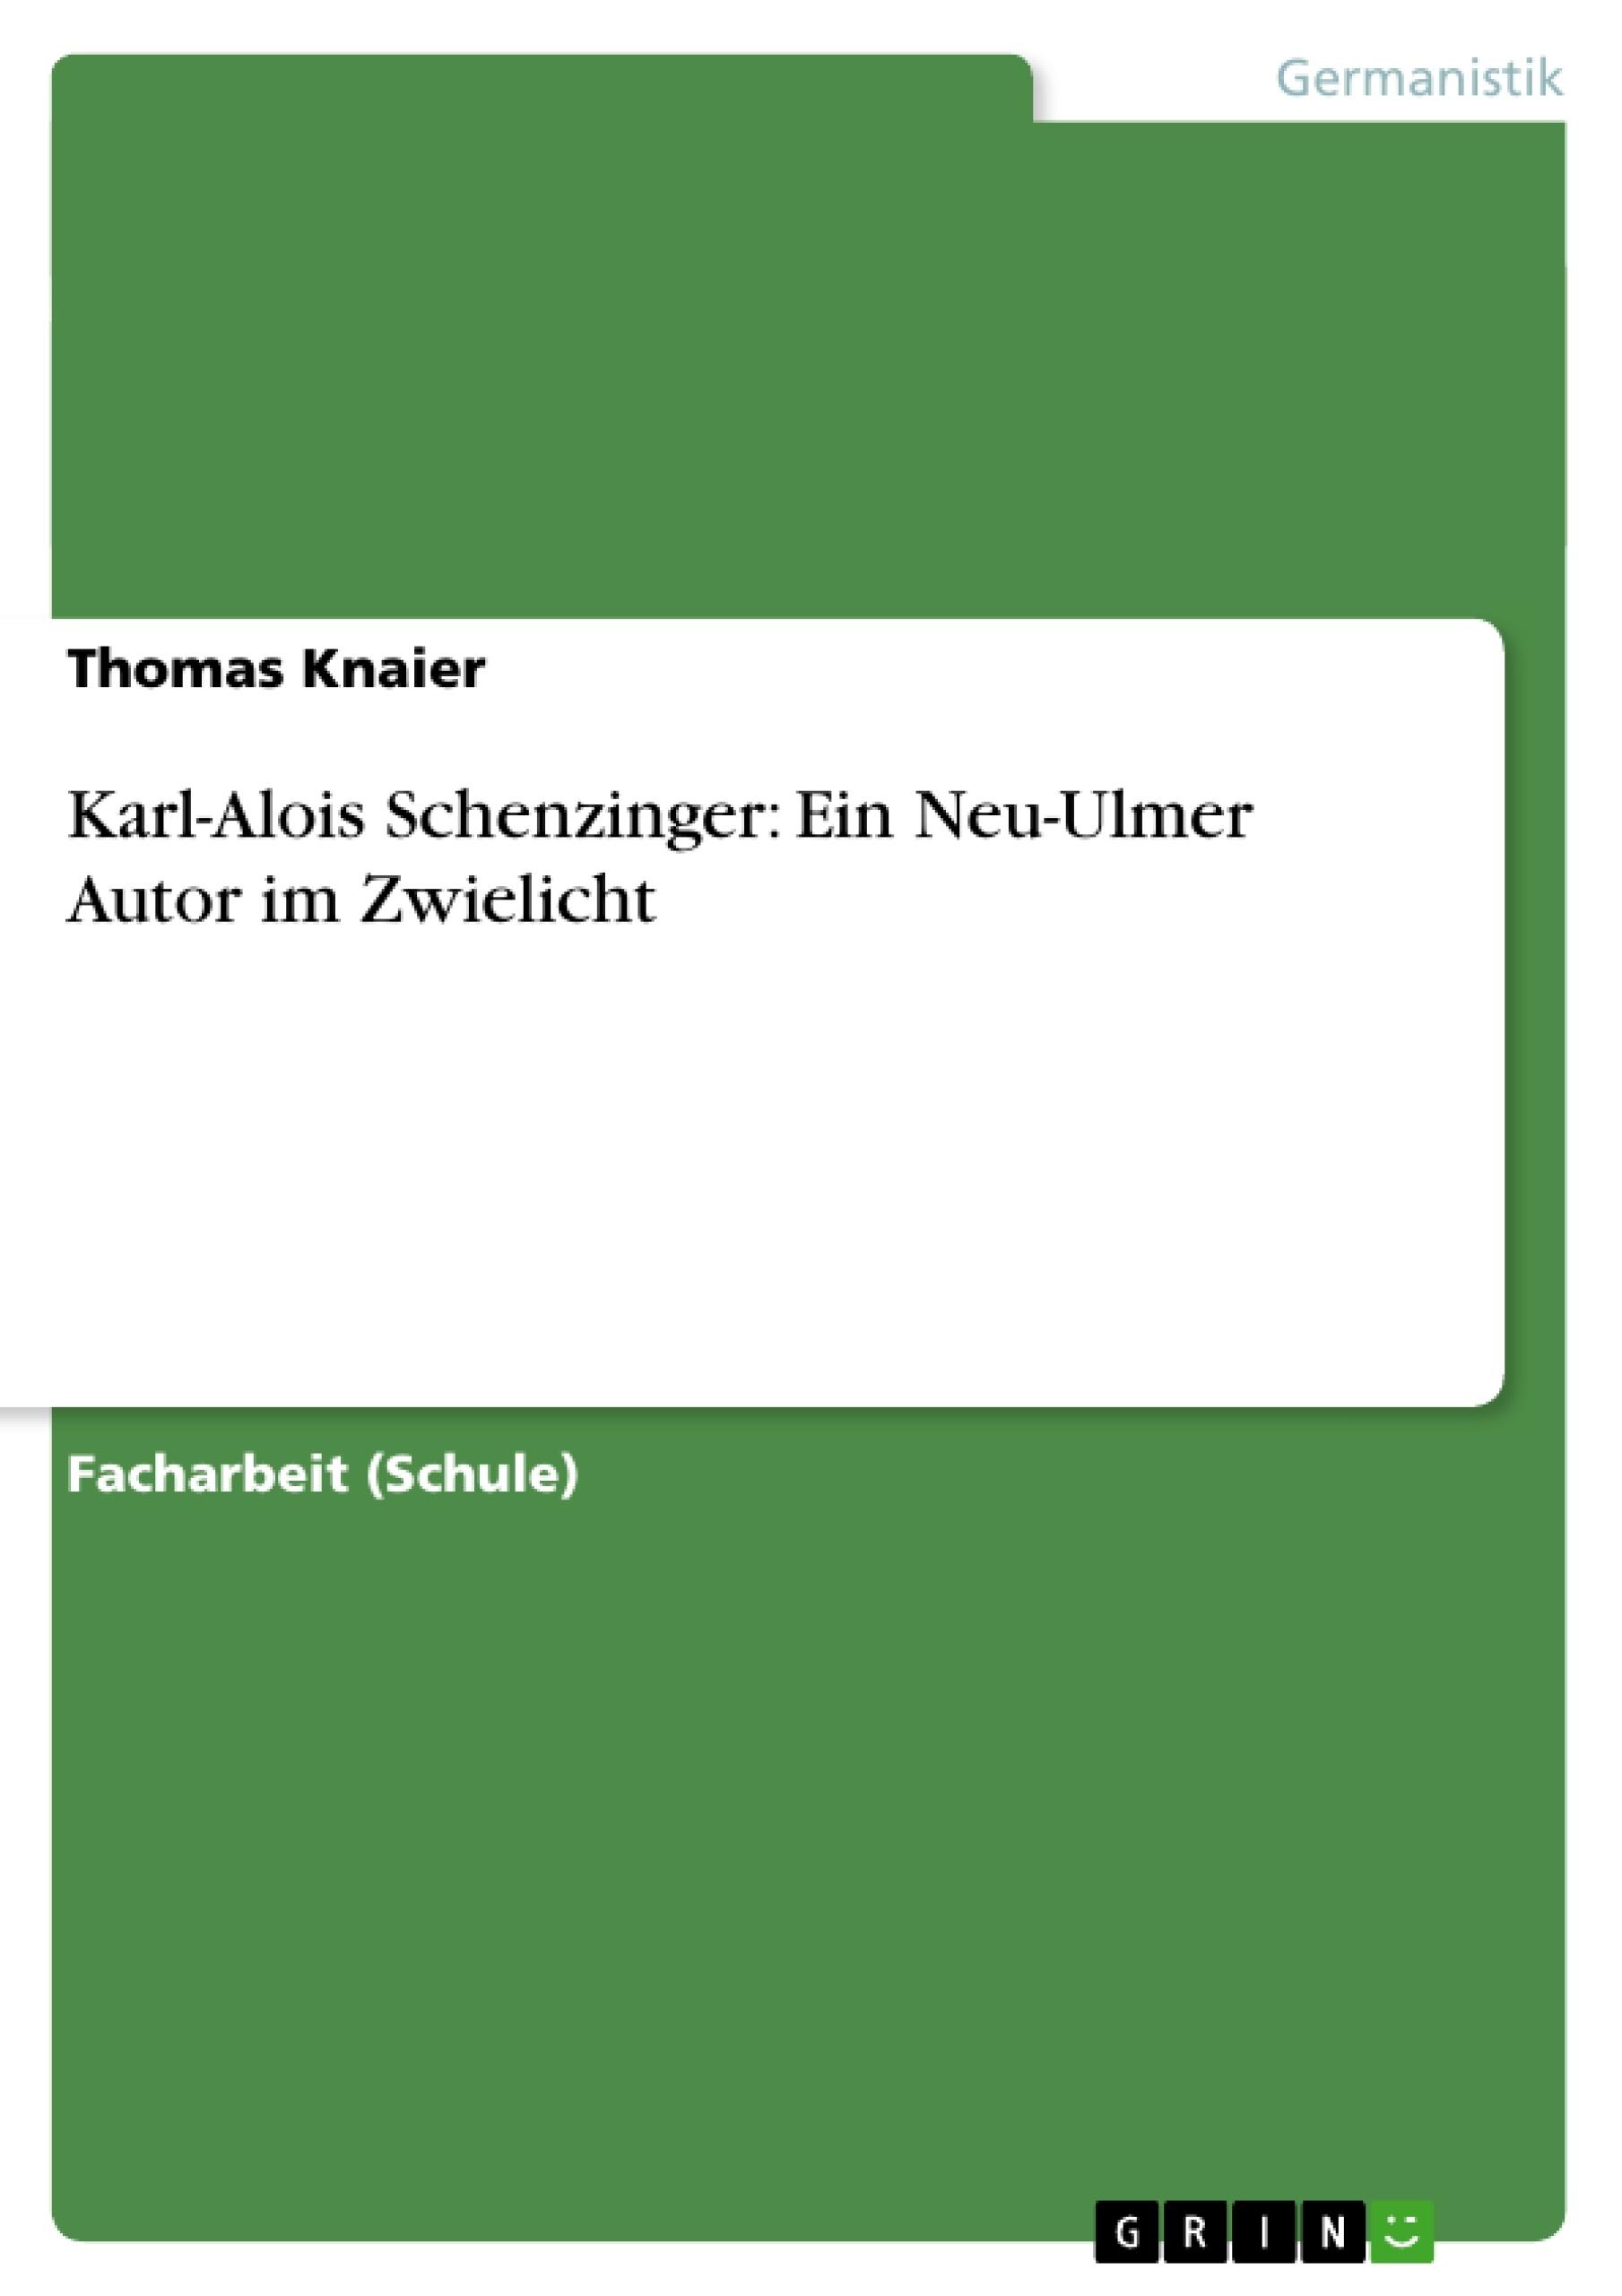 Titel: Karl-Alois Schenzinger: Ein Neu-Ulmer Autor im Zwielicht